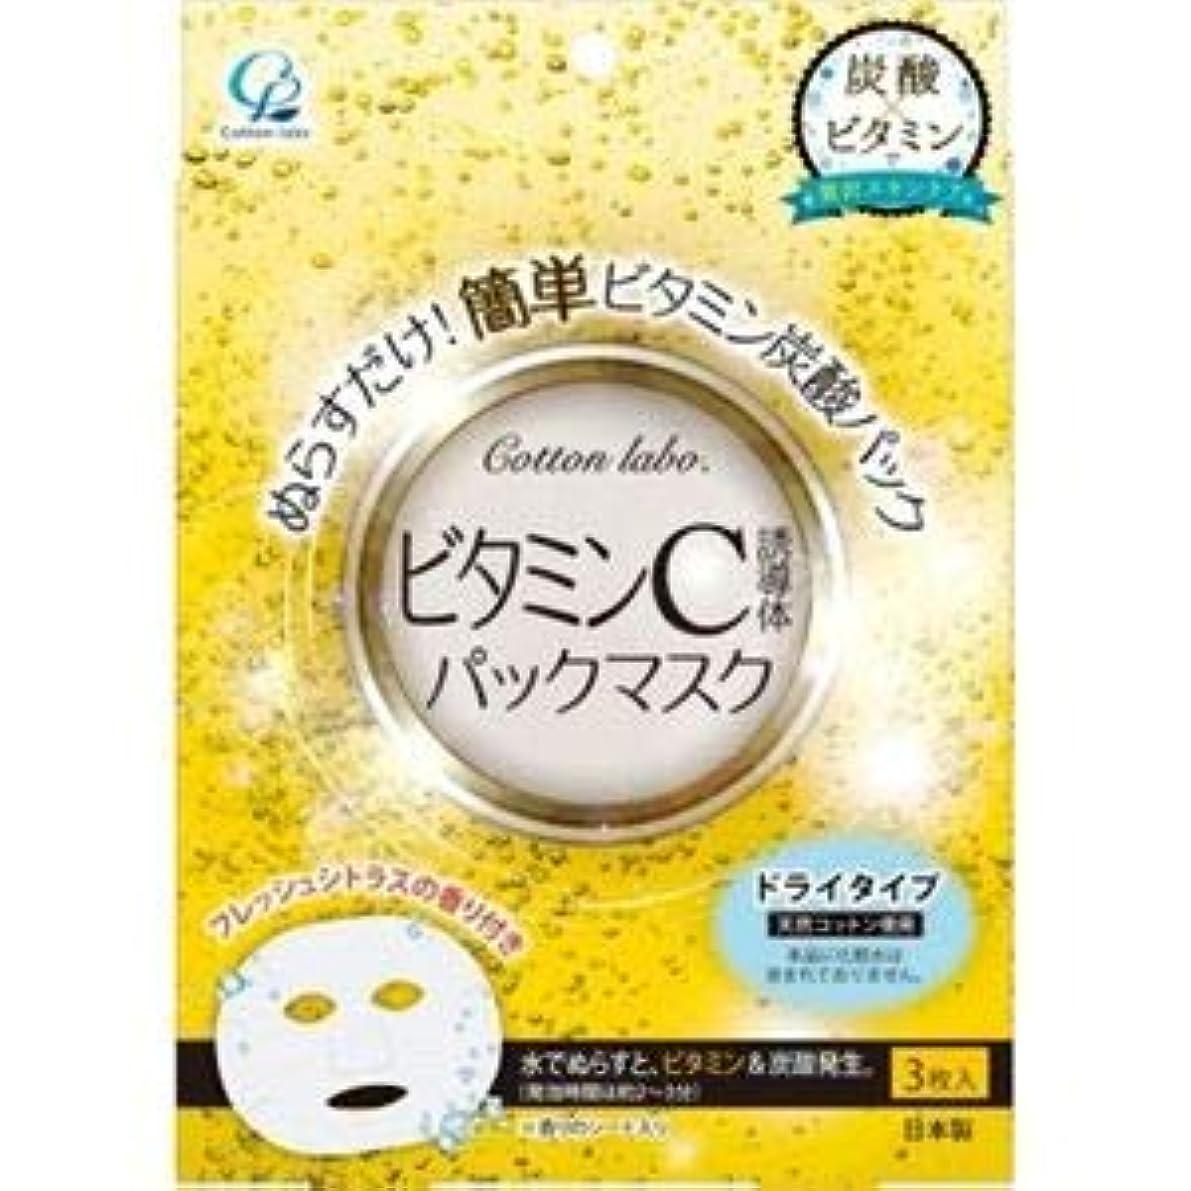 批判する階下フェミニン(まとめ)コットンラボ ビタミンパックマスク3枚 【×5点セット】